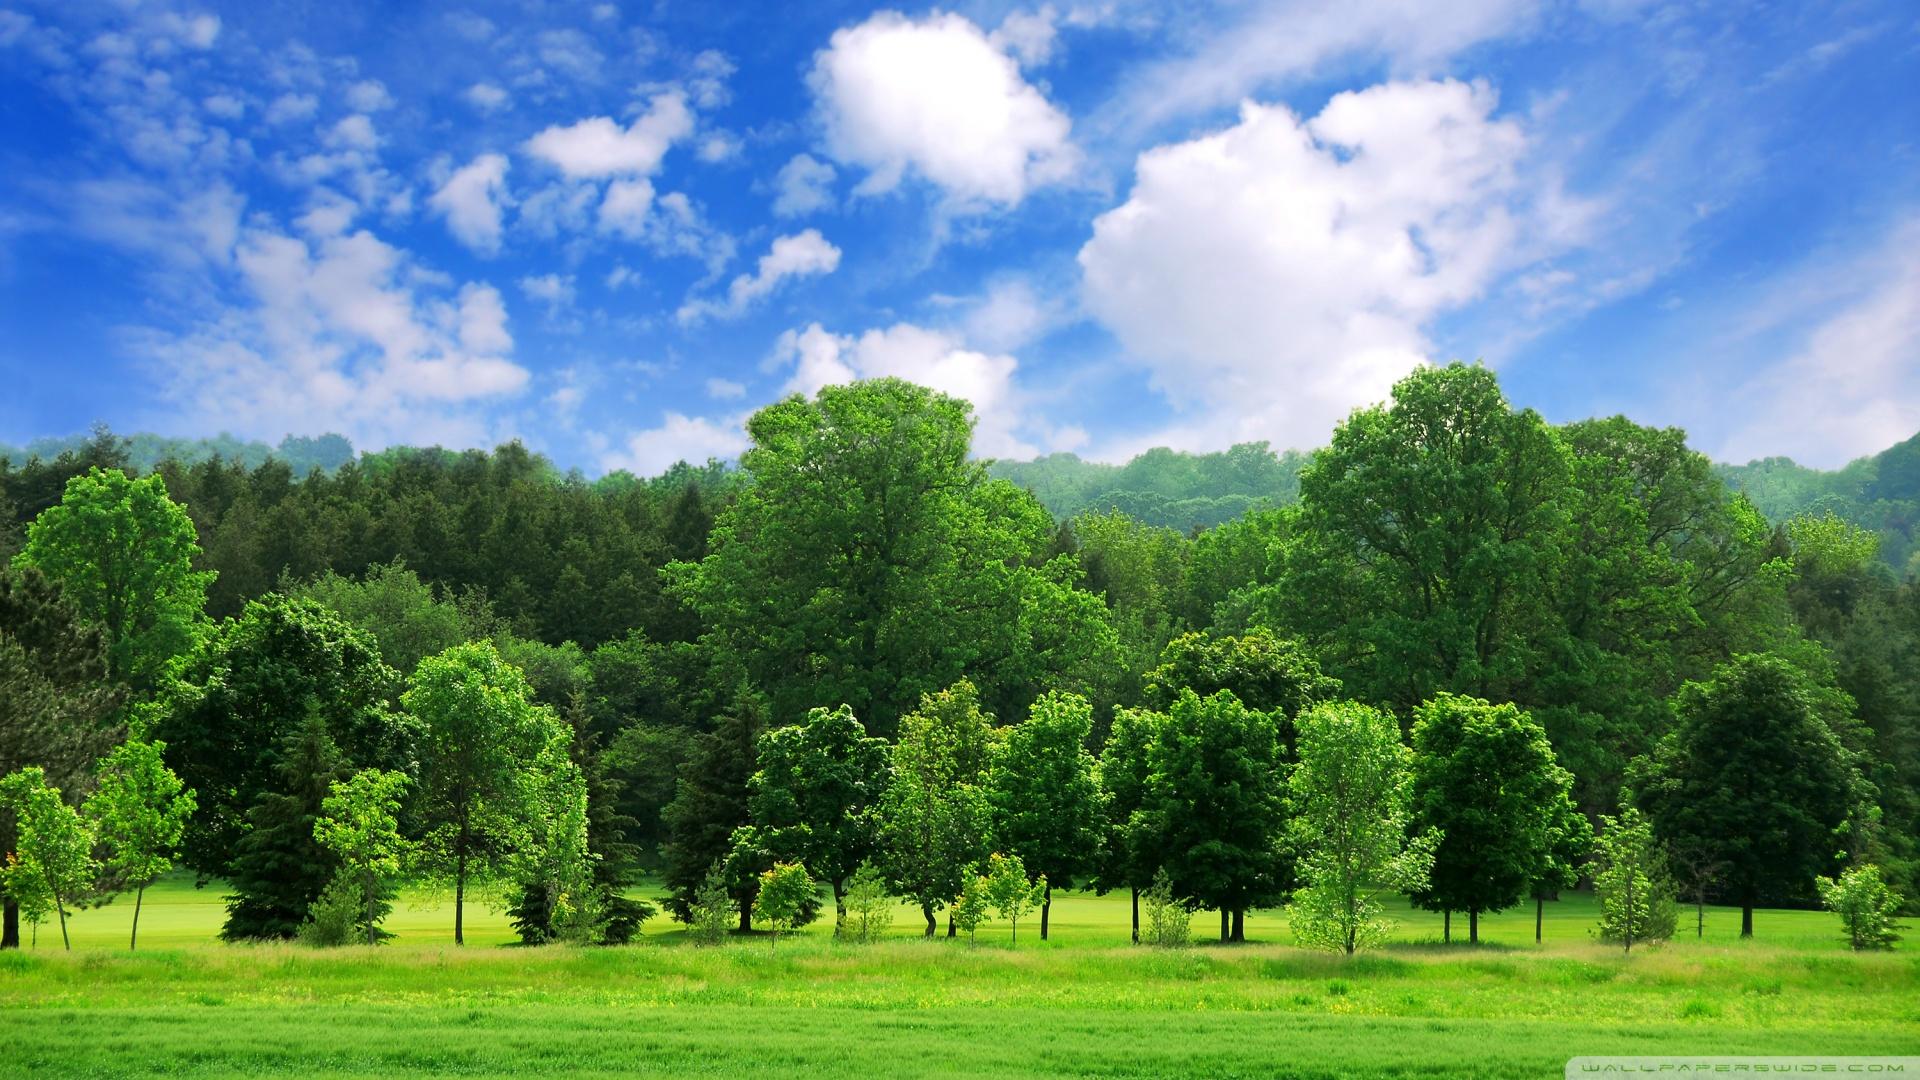 Beautiful Summer Landscape 4K HD Desktop Wallpaper For 4K